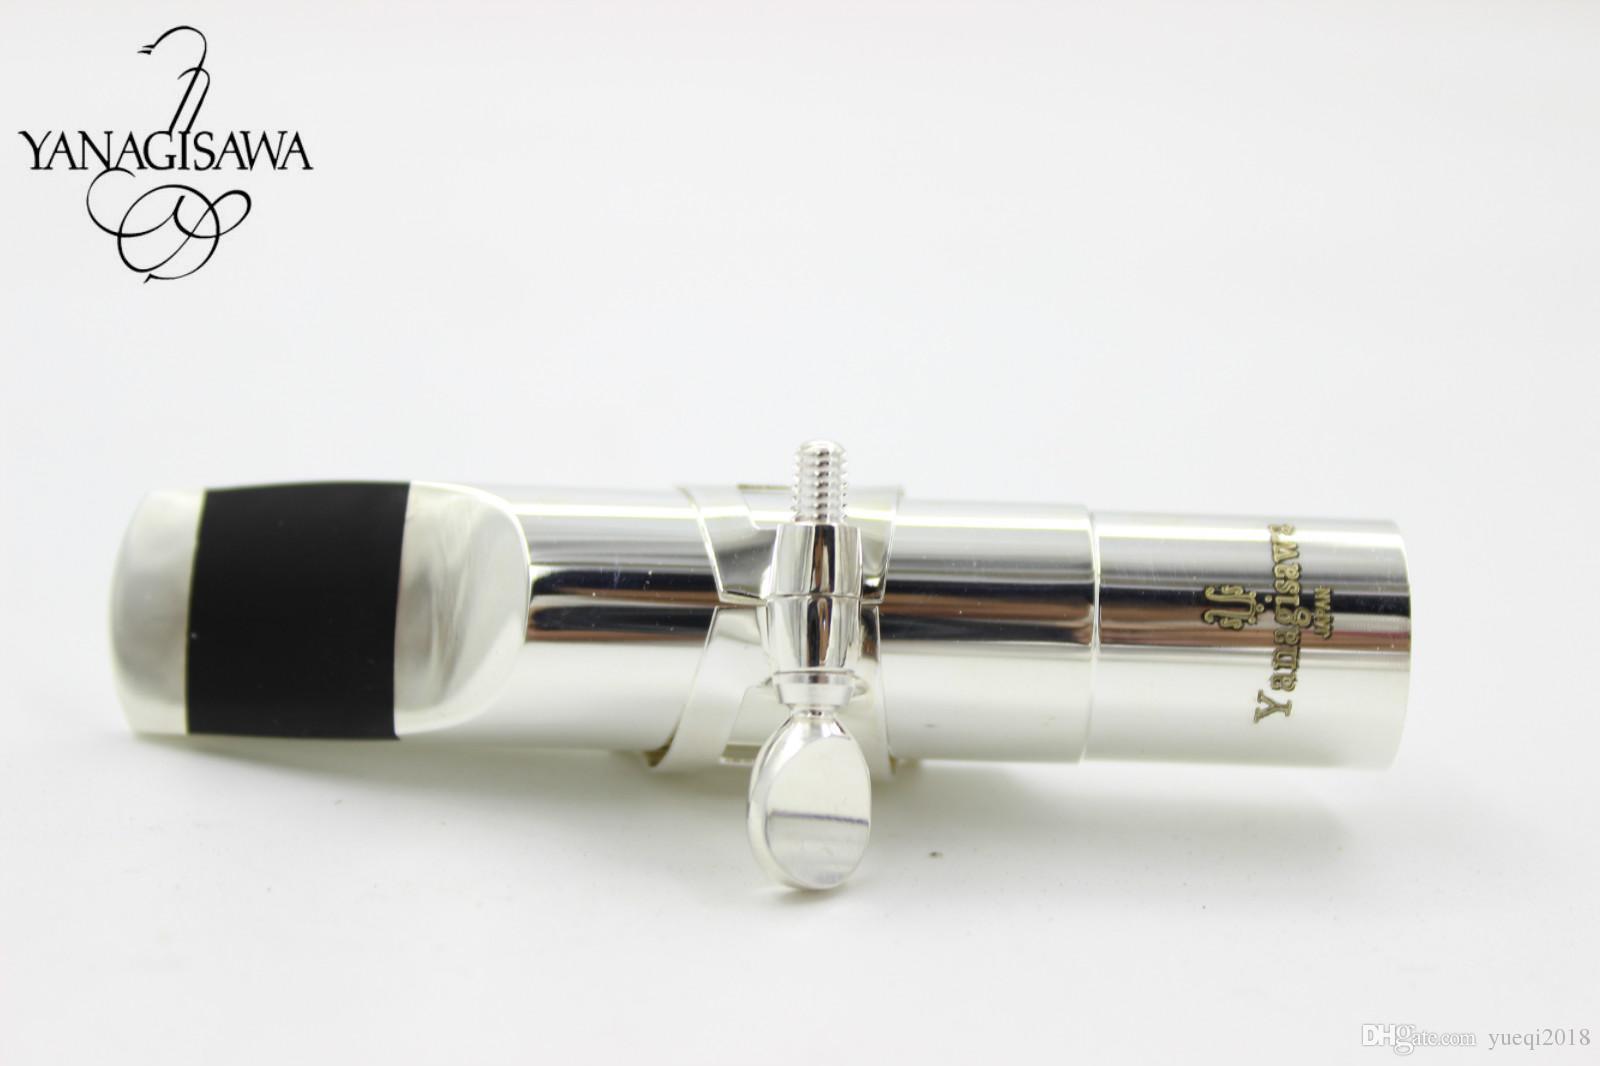 عالية الجودة جديد ياناجيساوا ألتو تينور سوبرانو ساكسفون المعادن المعبرة الحجم 5 6 7 8 9 الفضة مطلي ساكس فوهة الآلات الملحقات